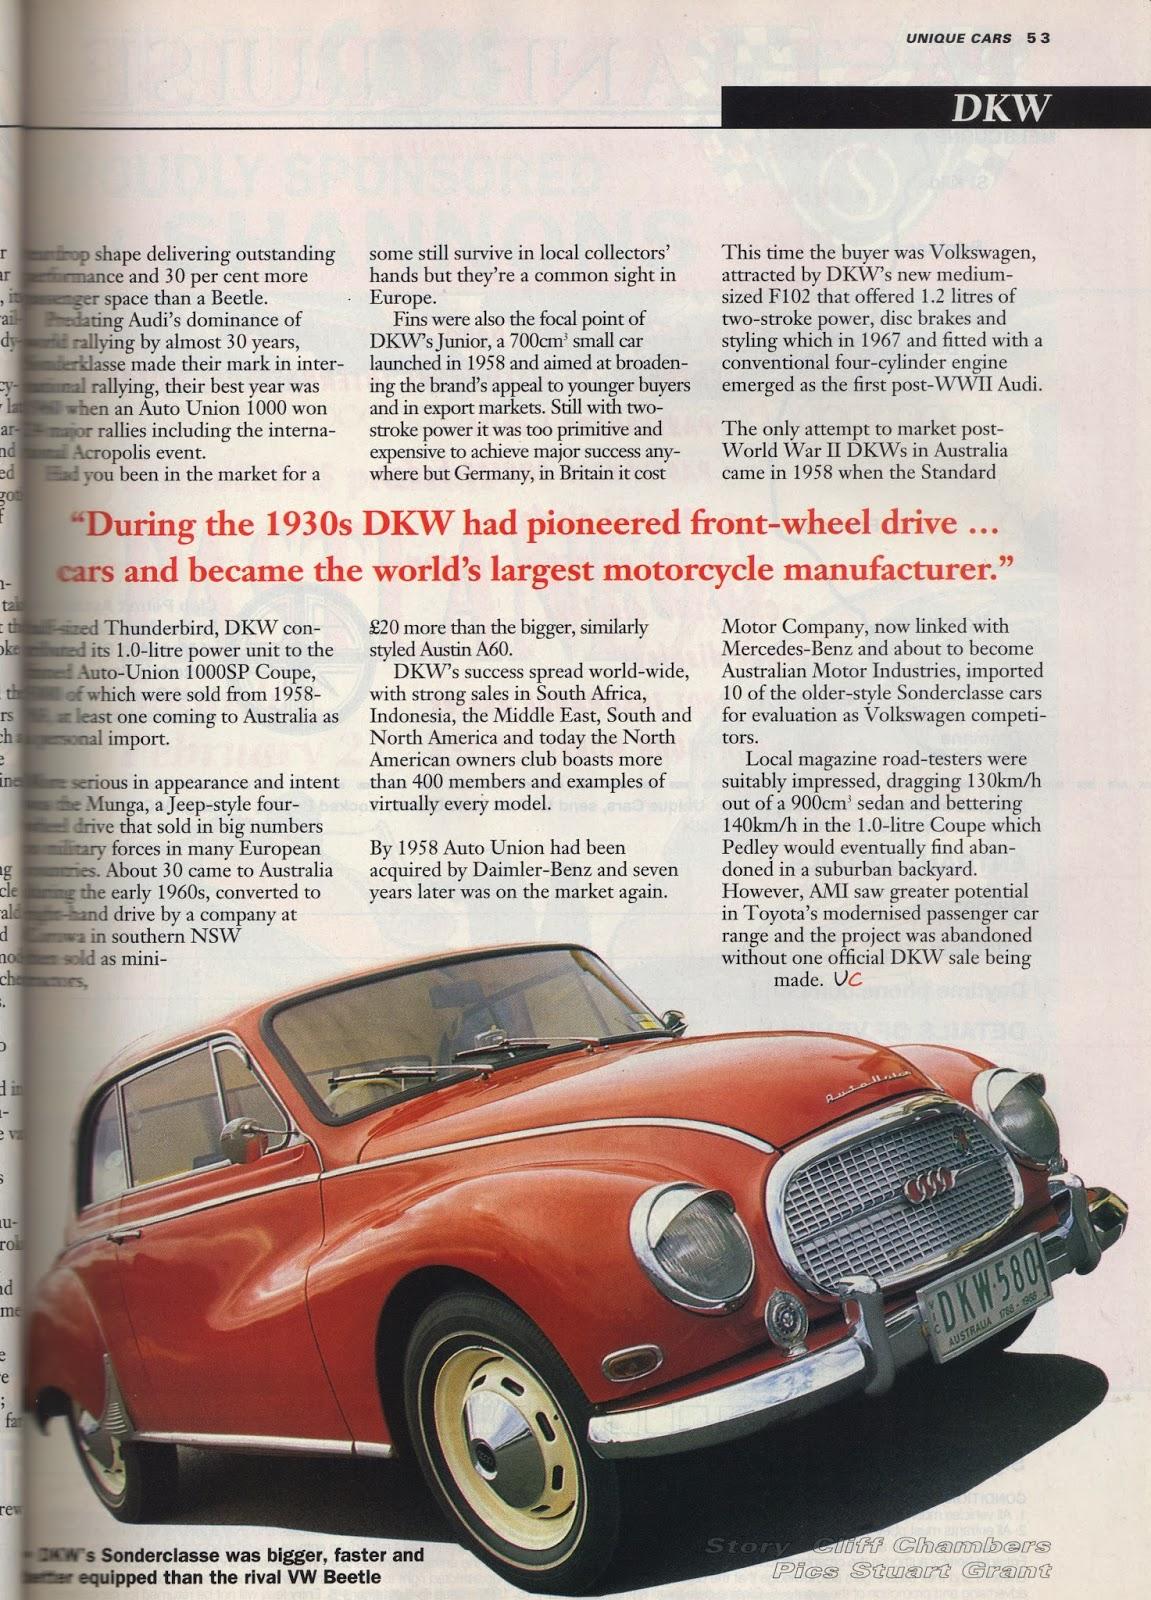 Auto-Union Project: DKW Feature - Unique Cars 1998